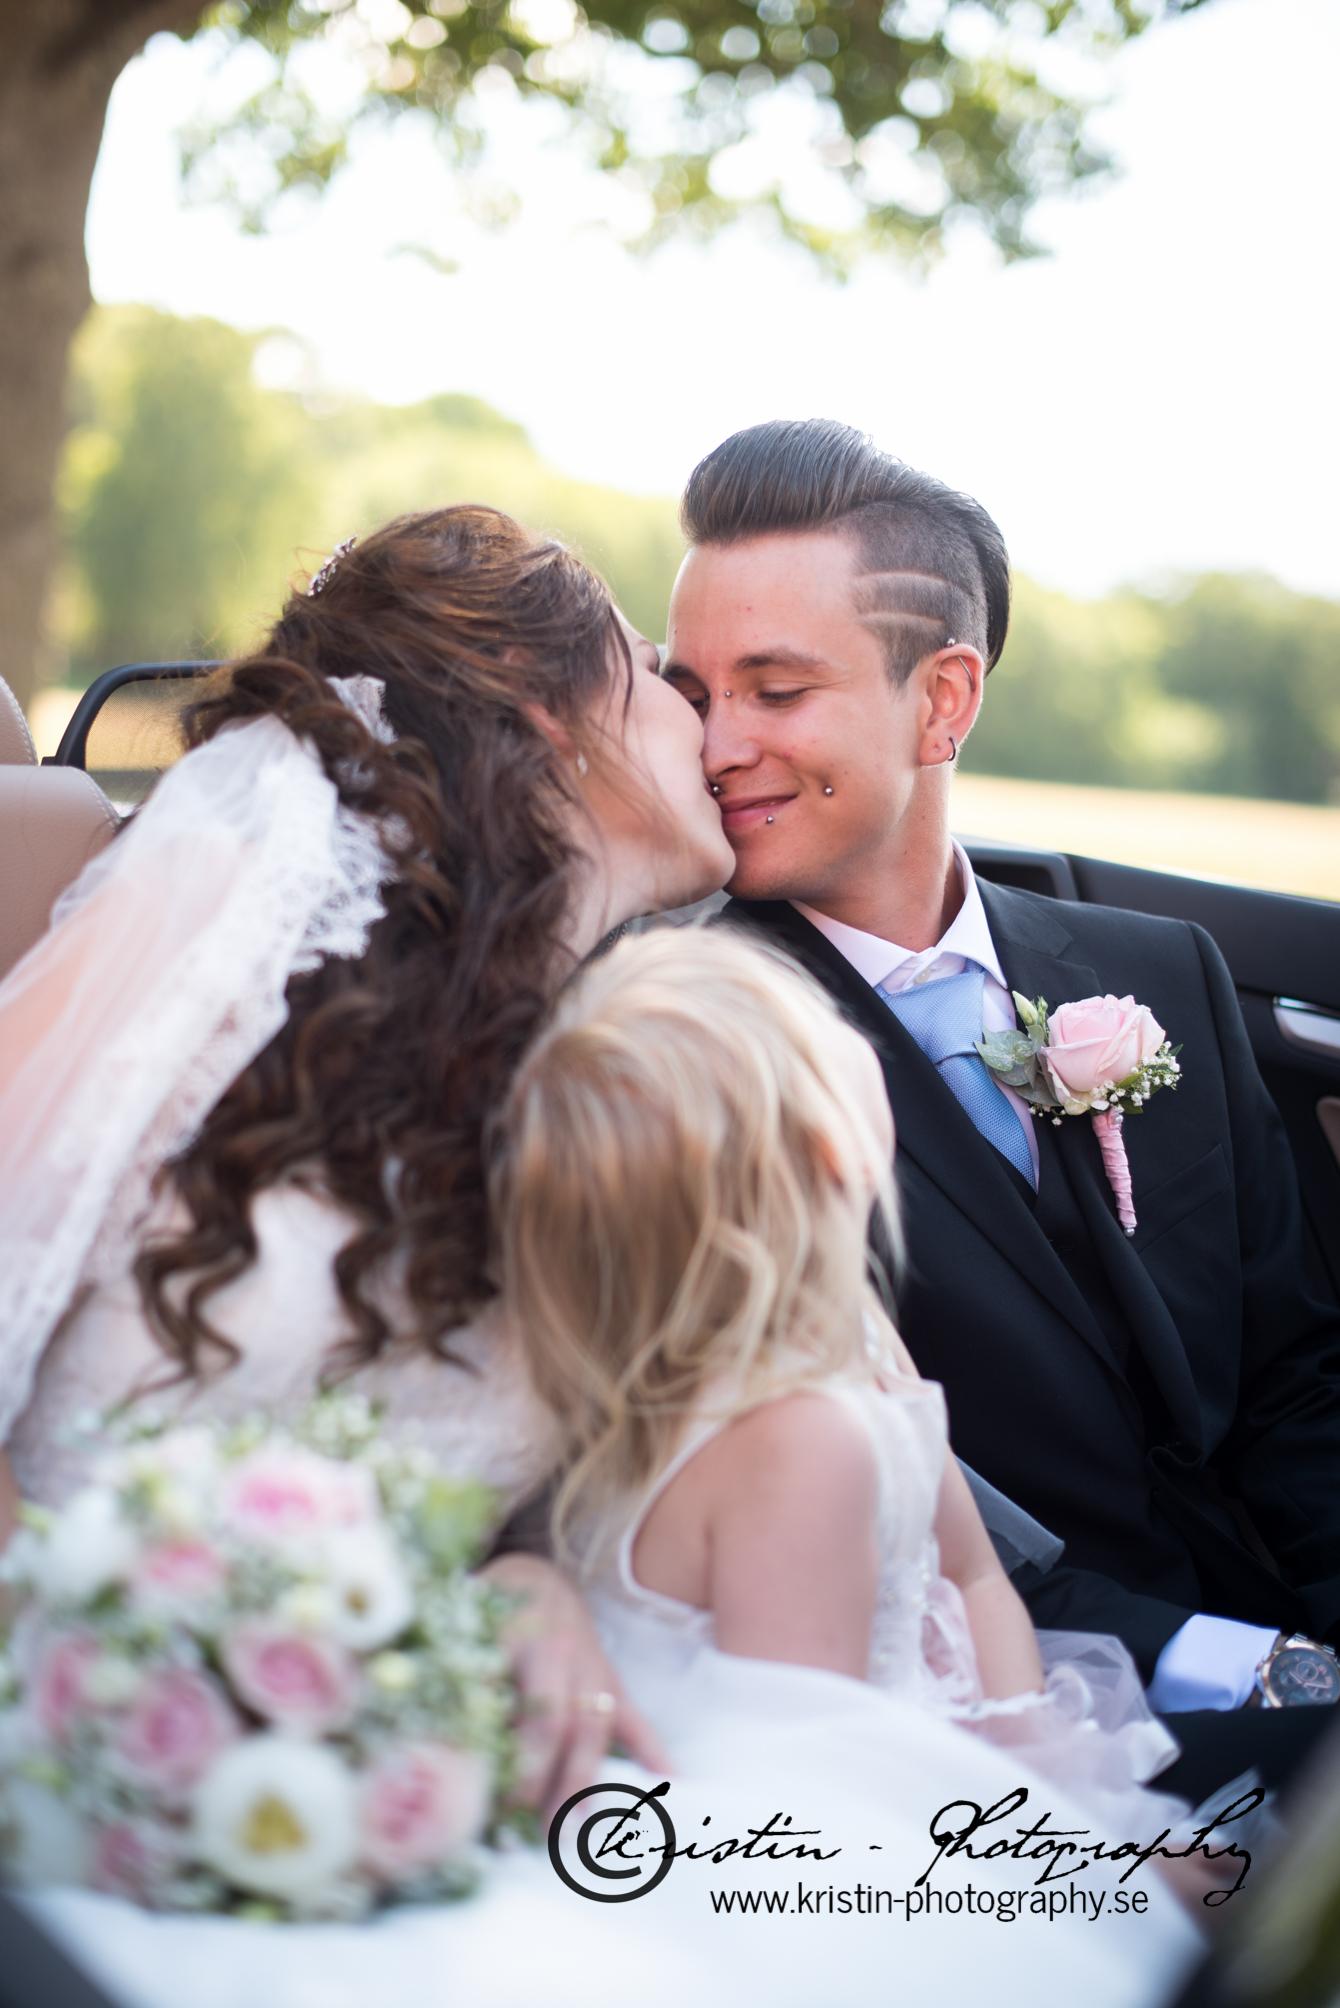 Bröllopsfotograf i Eskilstuna, Kristin - Photography, weddingphotographer -224.jpg